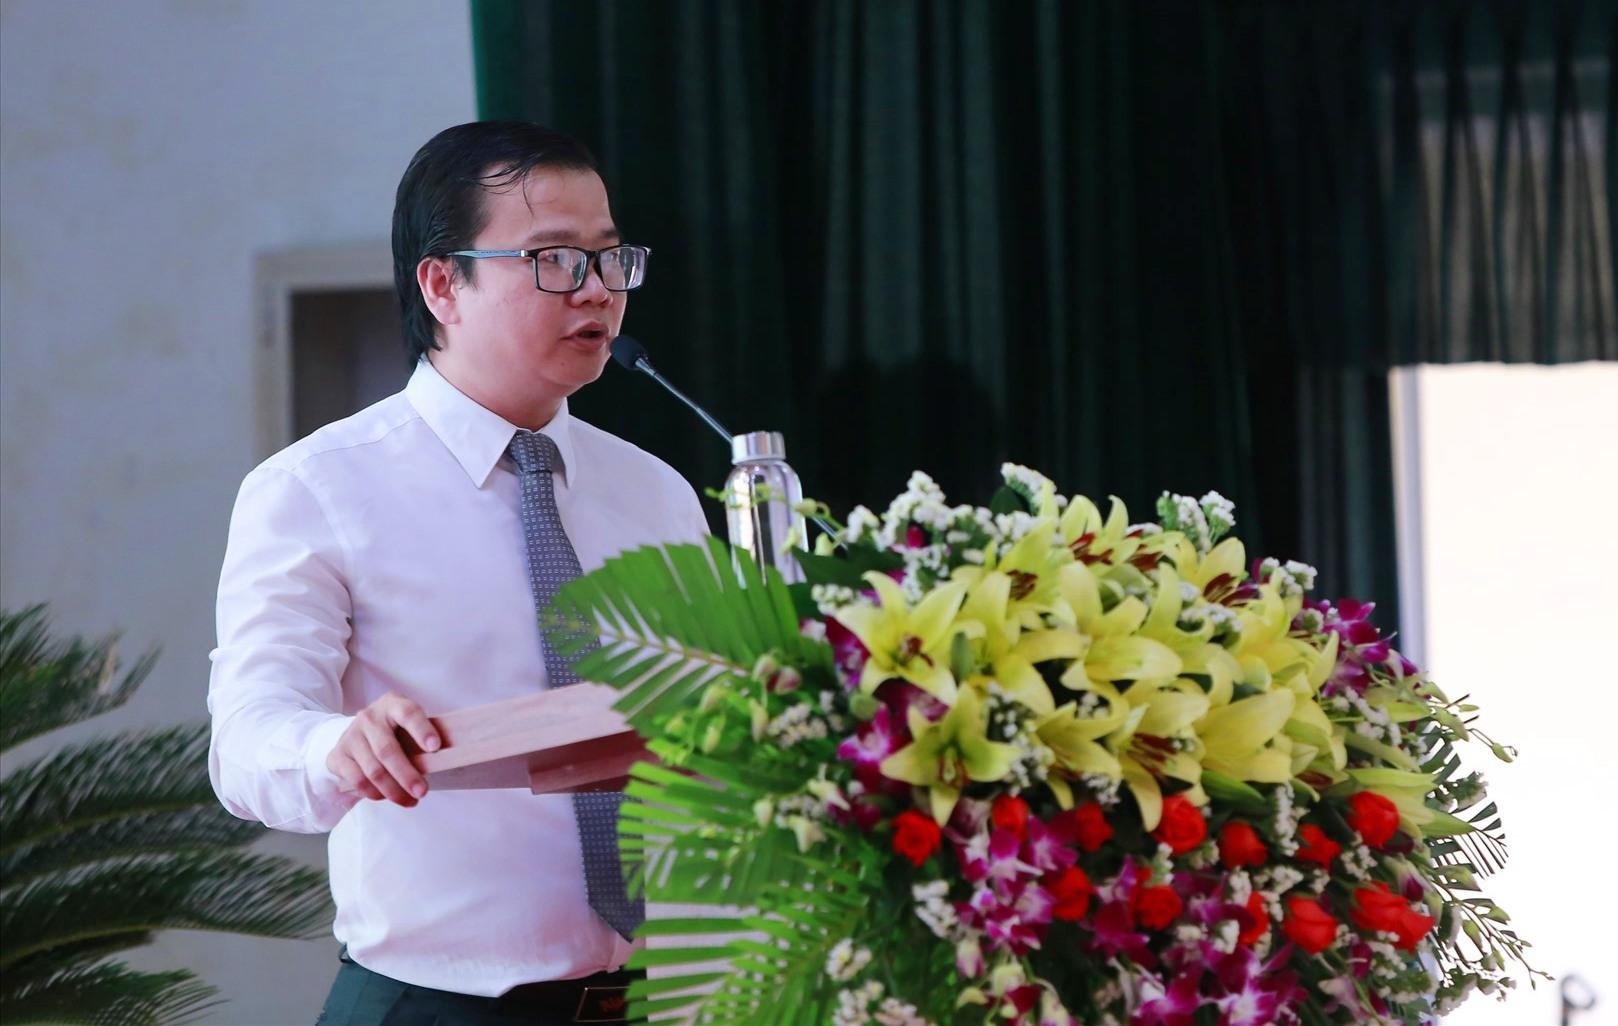 Ông Lê Ngọc Tường - Phó Giám đốc Sở VH-TT&DL nhấn mạnh, tiềm năng khởi nghiệp du lịch trên địa bàn Quảng Nam còn rất lớn.